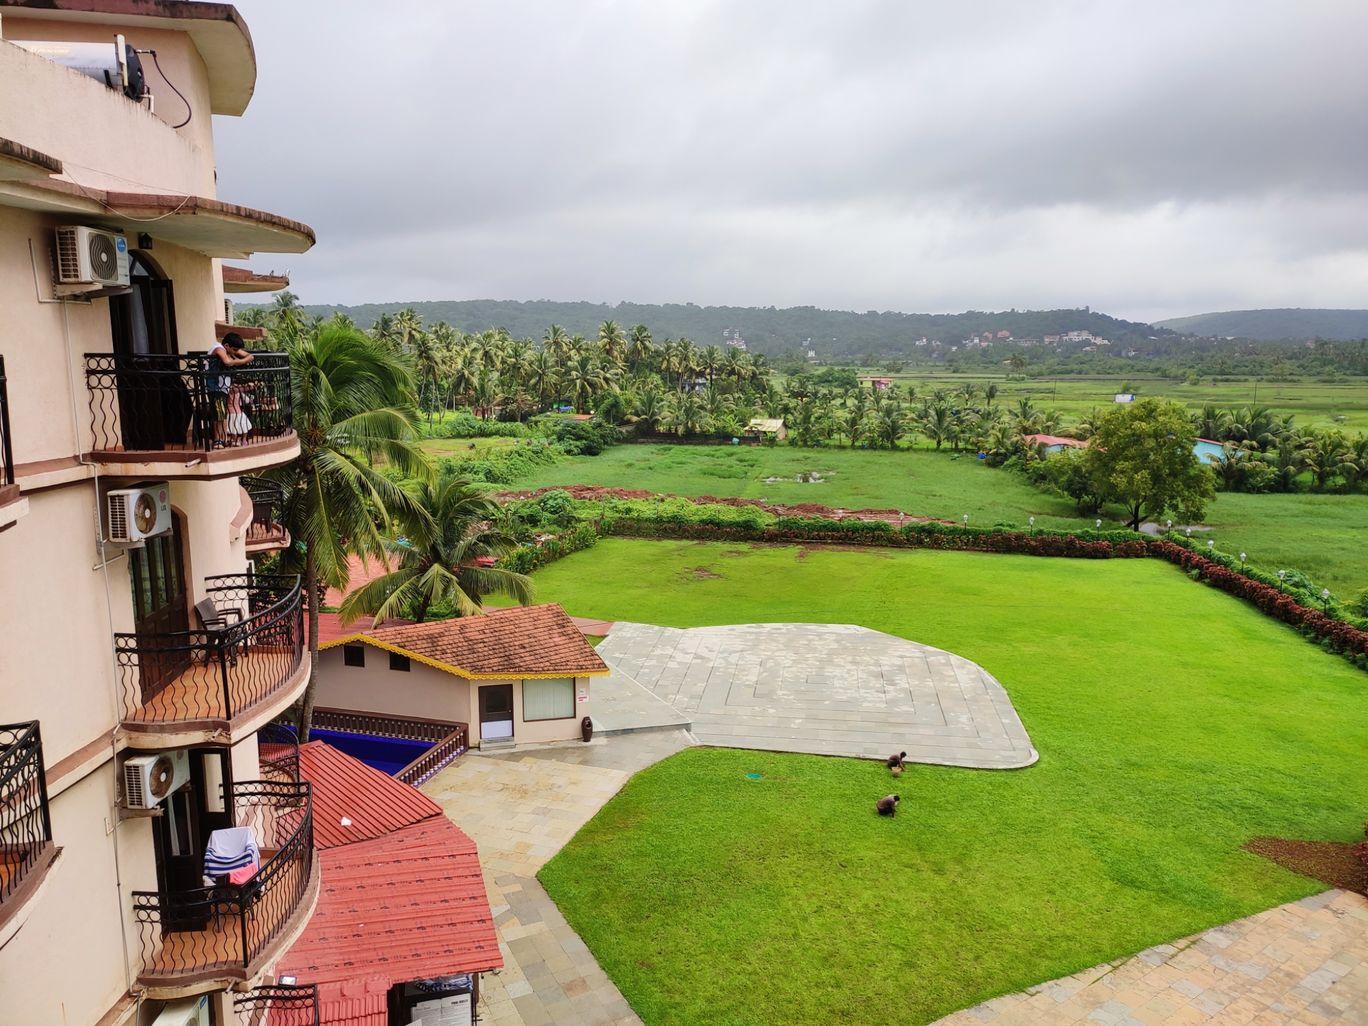 Photo of Nazri Resort By Ashika Jain